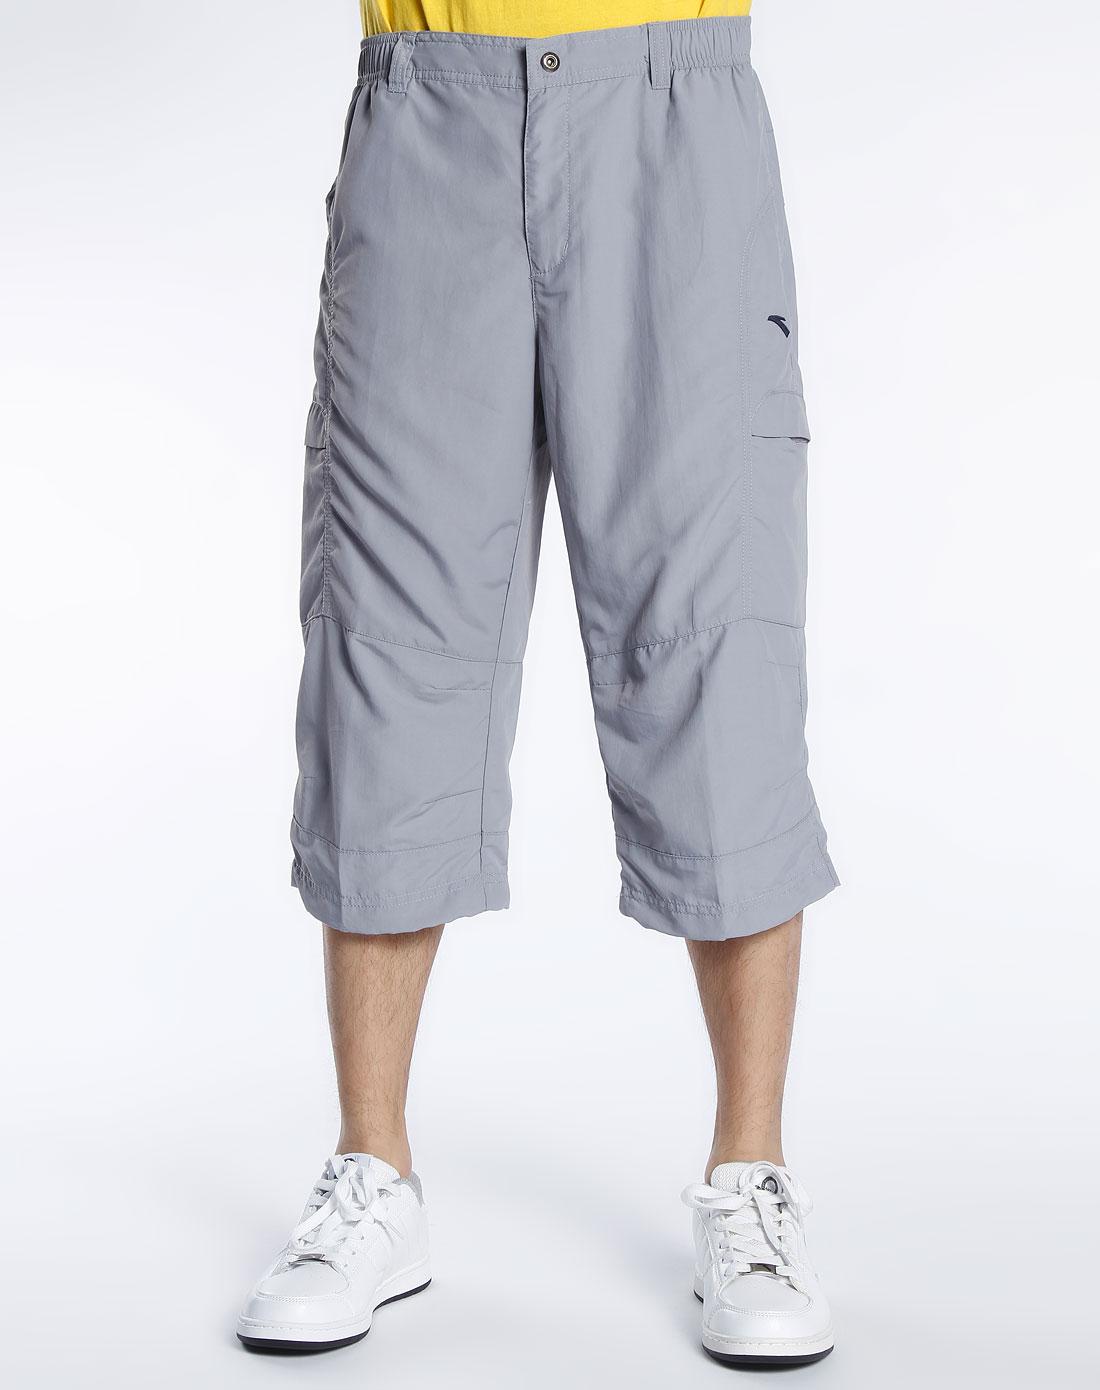 安踏anta男女装混合专场-男款 中灰色七分裤